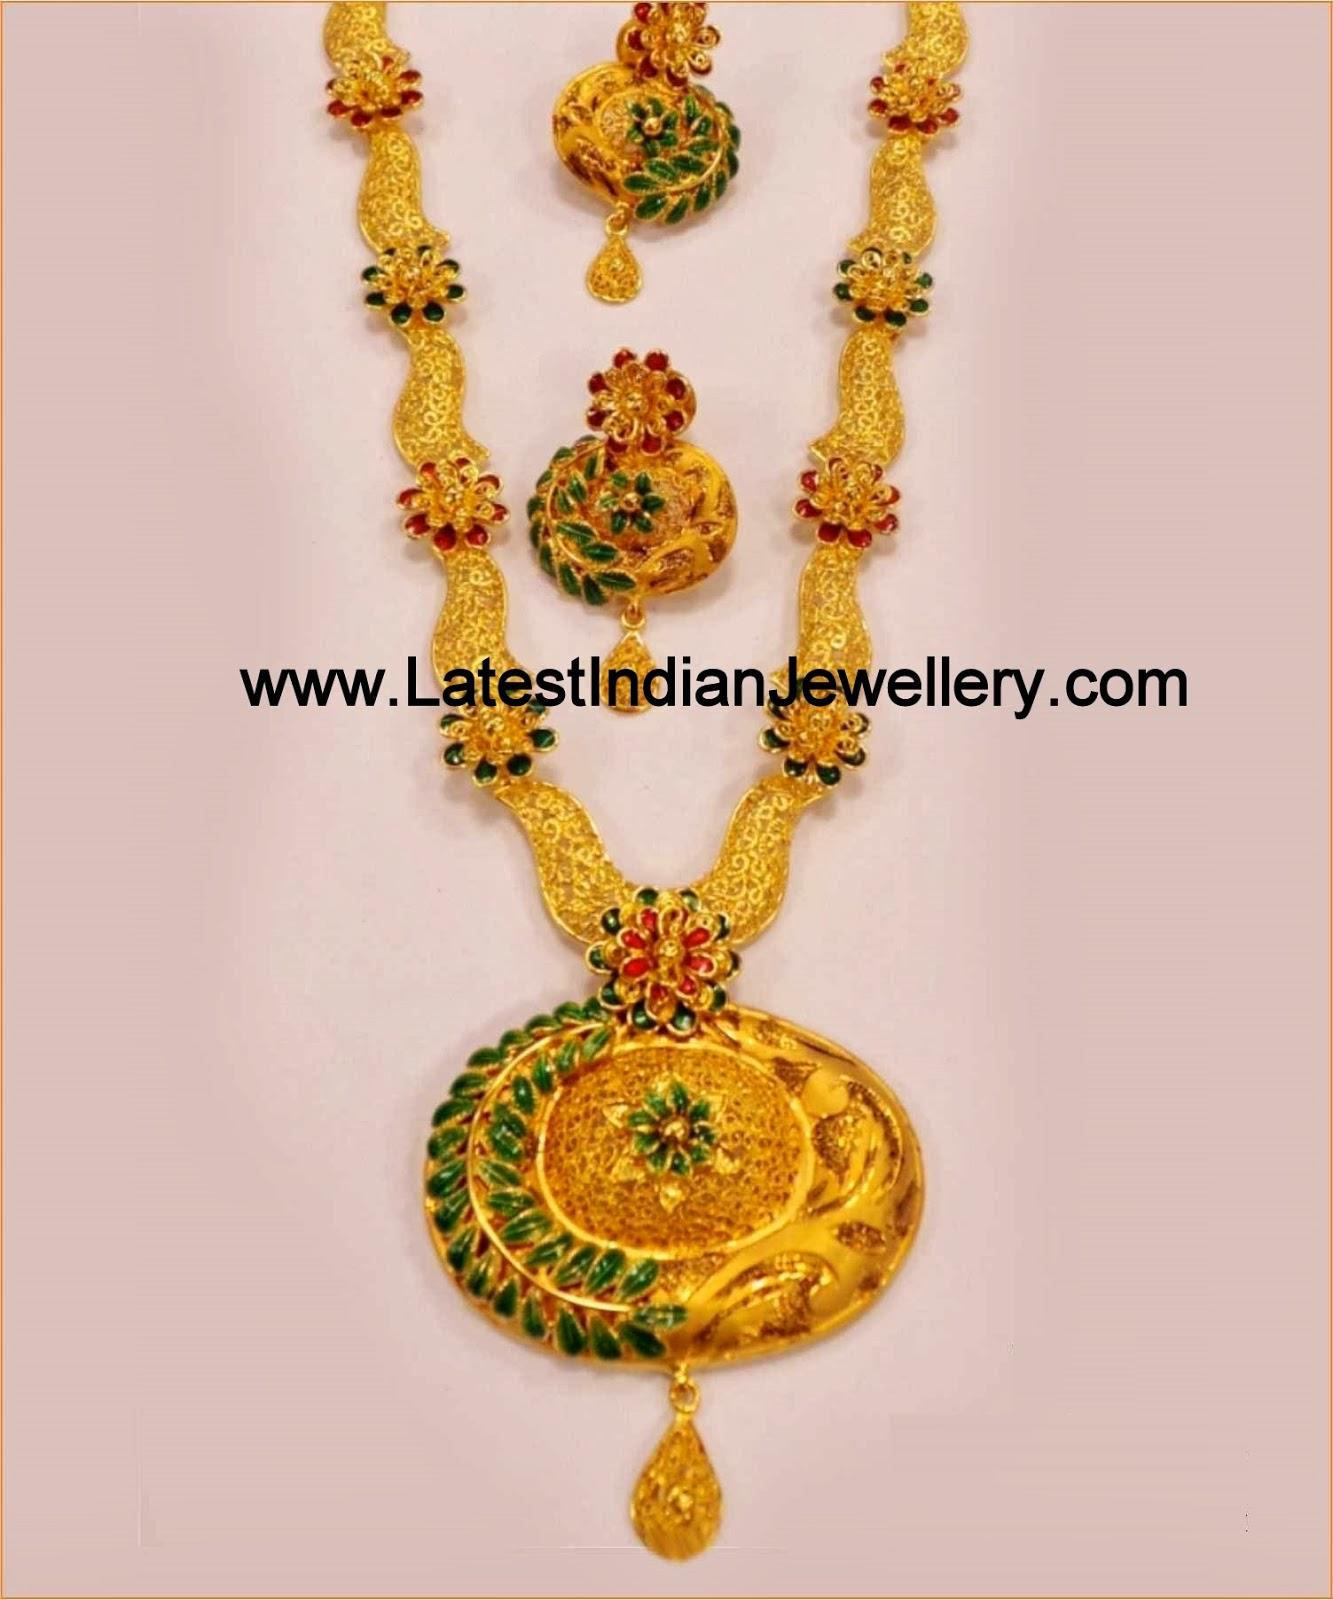 Unique Gold Wire Necklace